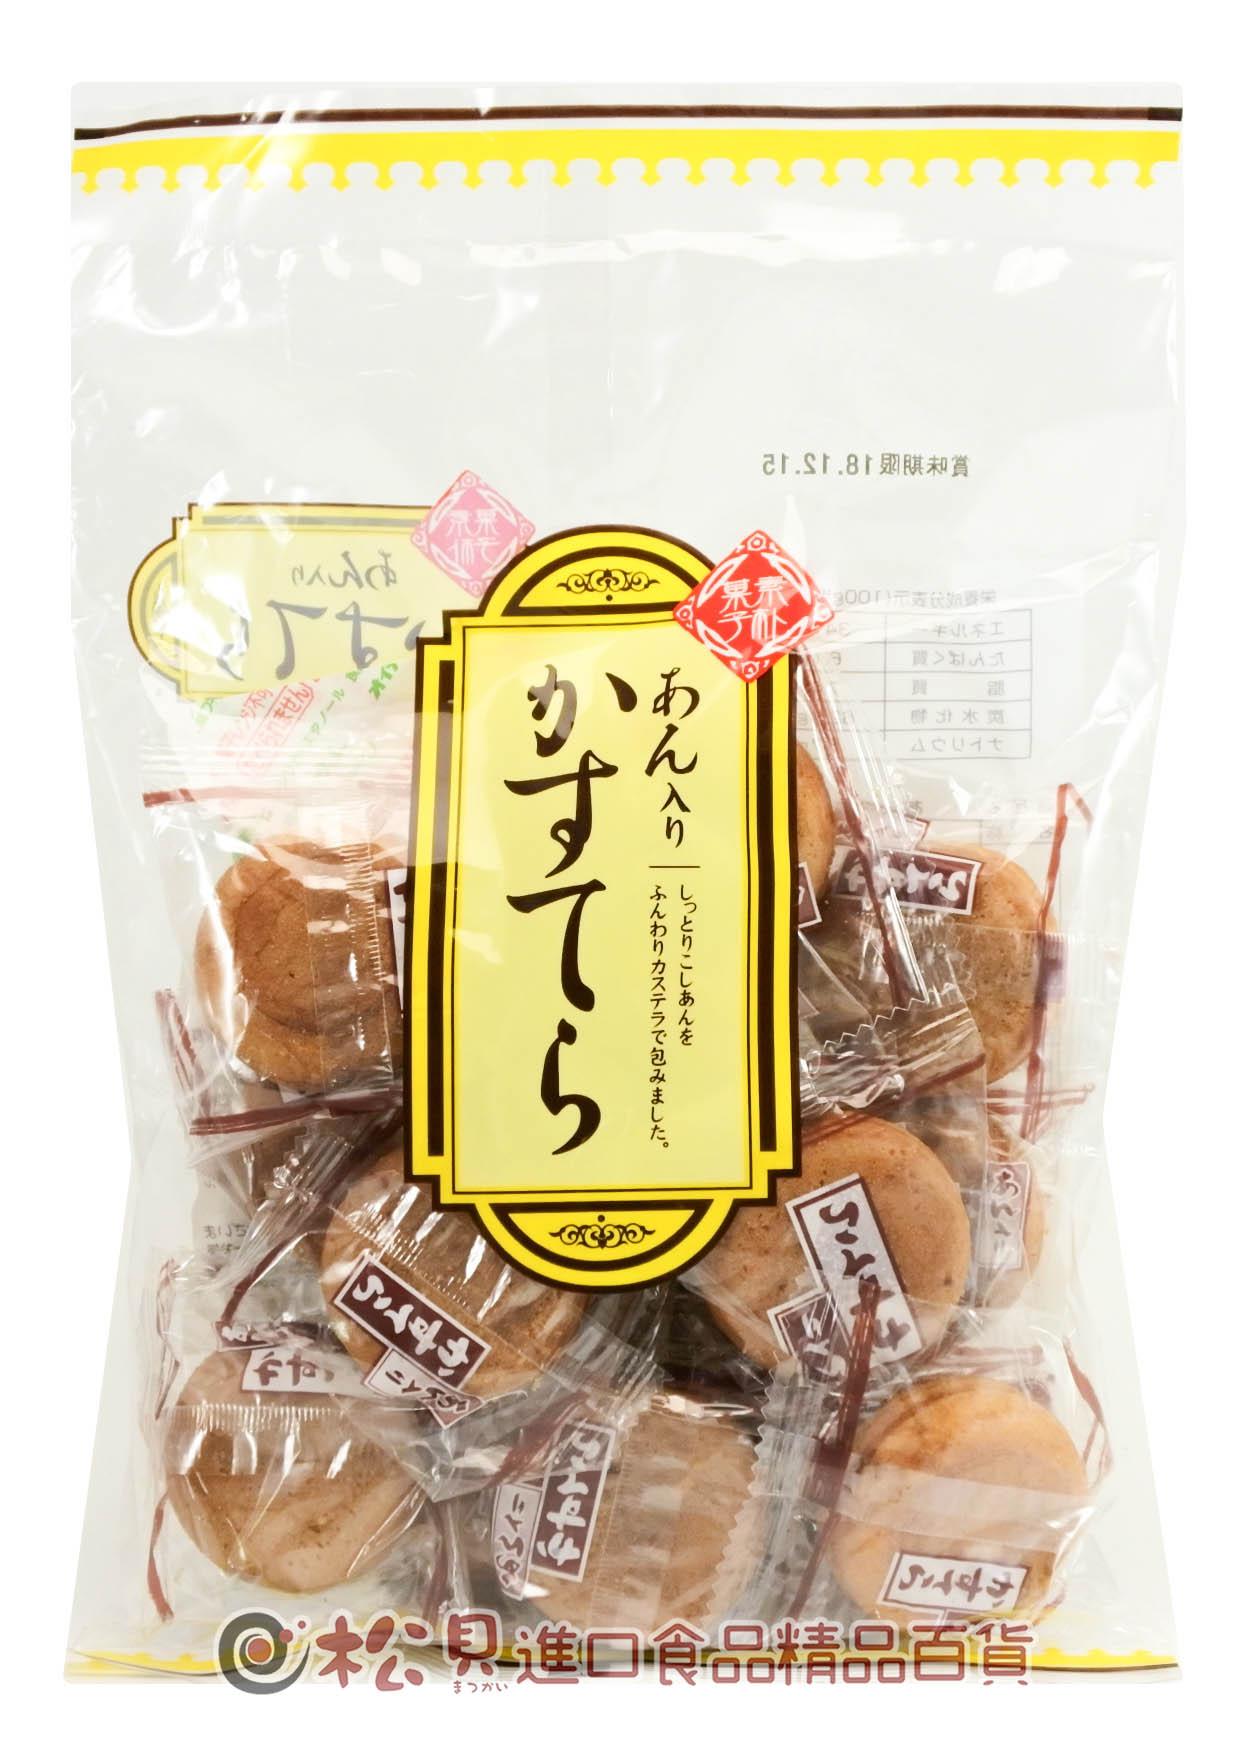 伊藤紅豆蛋糕225g【4970616155011】